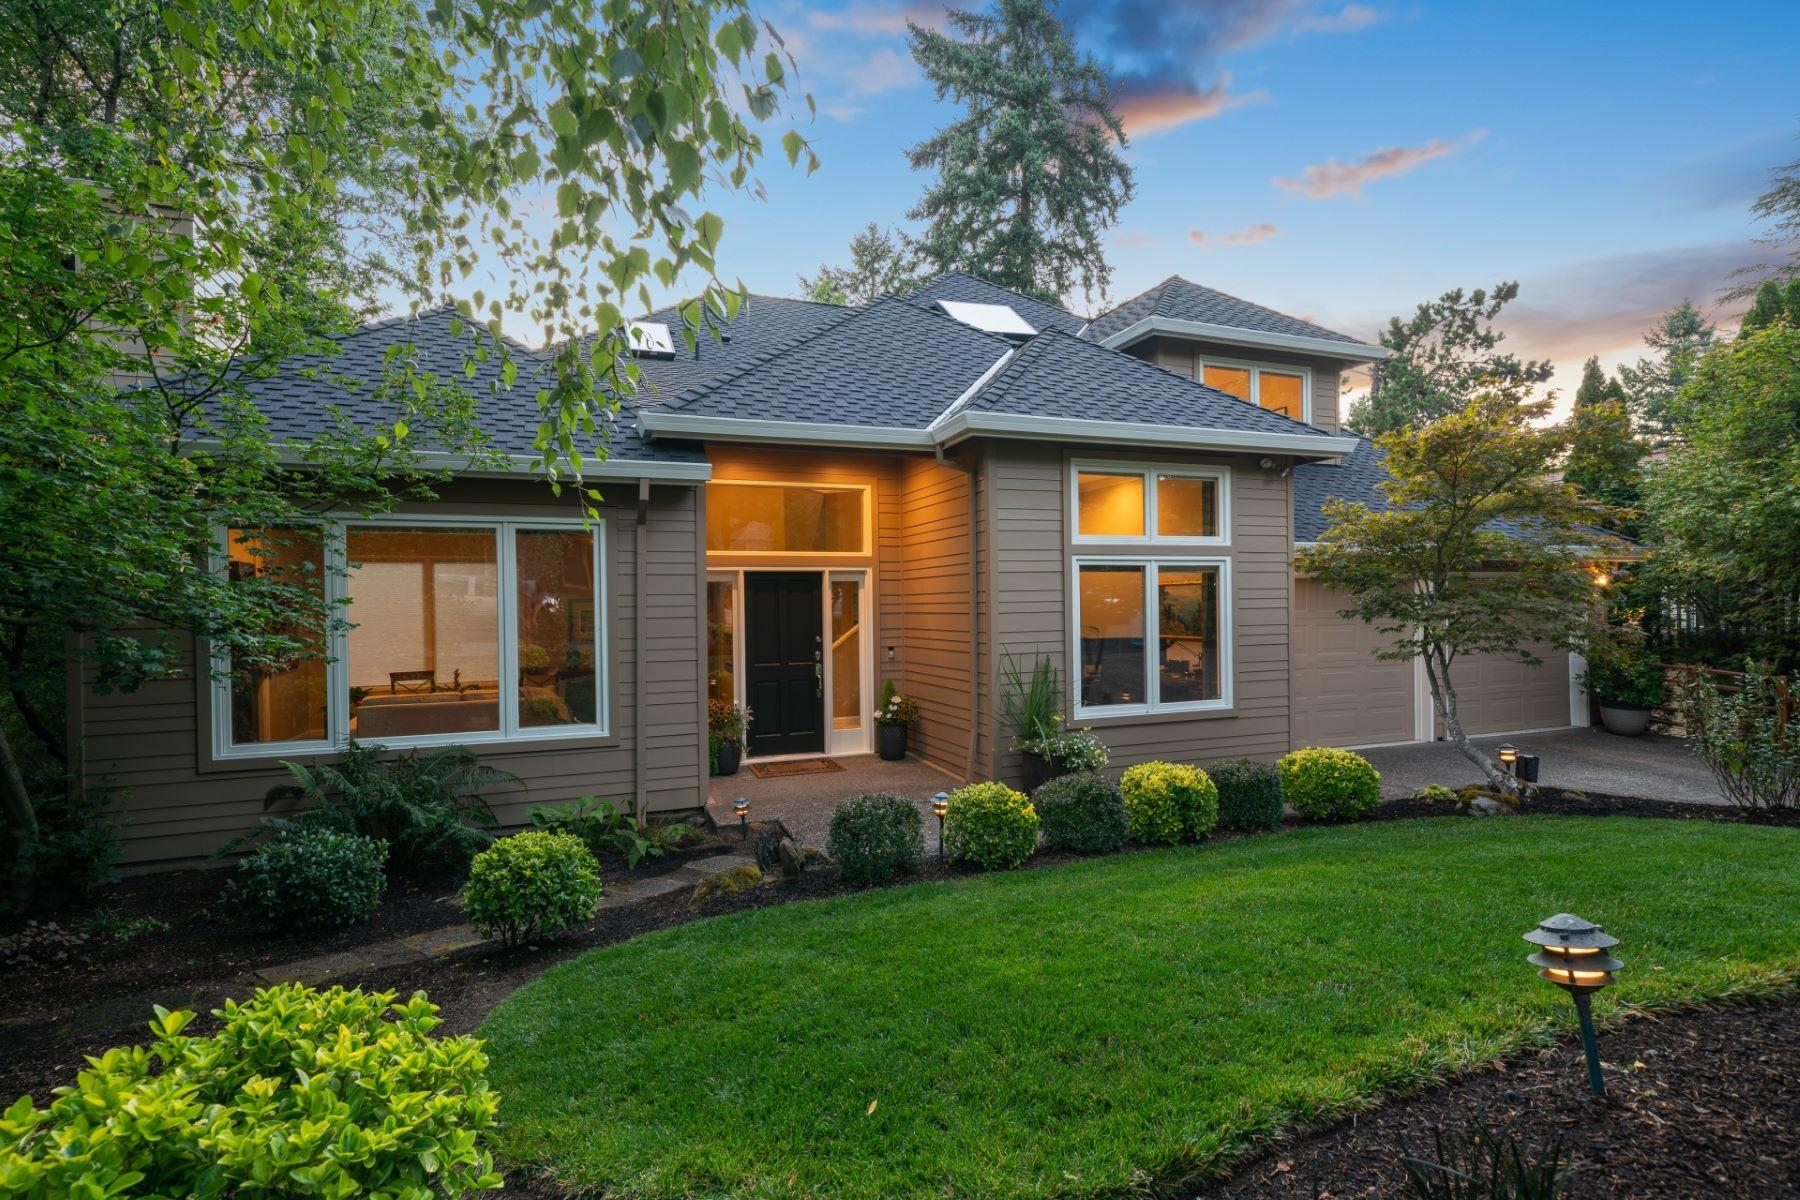 Other Residential Homes για την Πώληση στο 18124 PIONEER CT Lake Oswego, OR 97034 Lake Oswego, Ορεγκον 97034 Ηνωμένες Πολιτείες